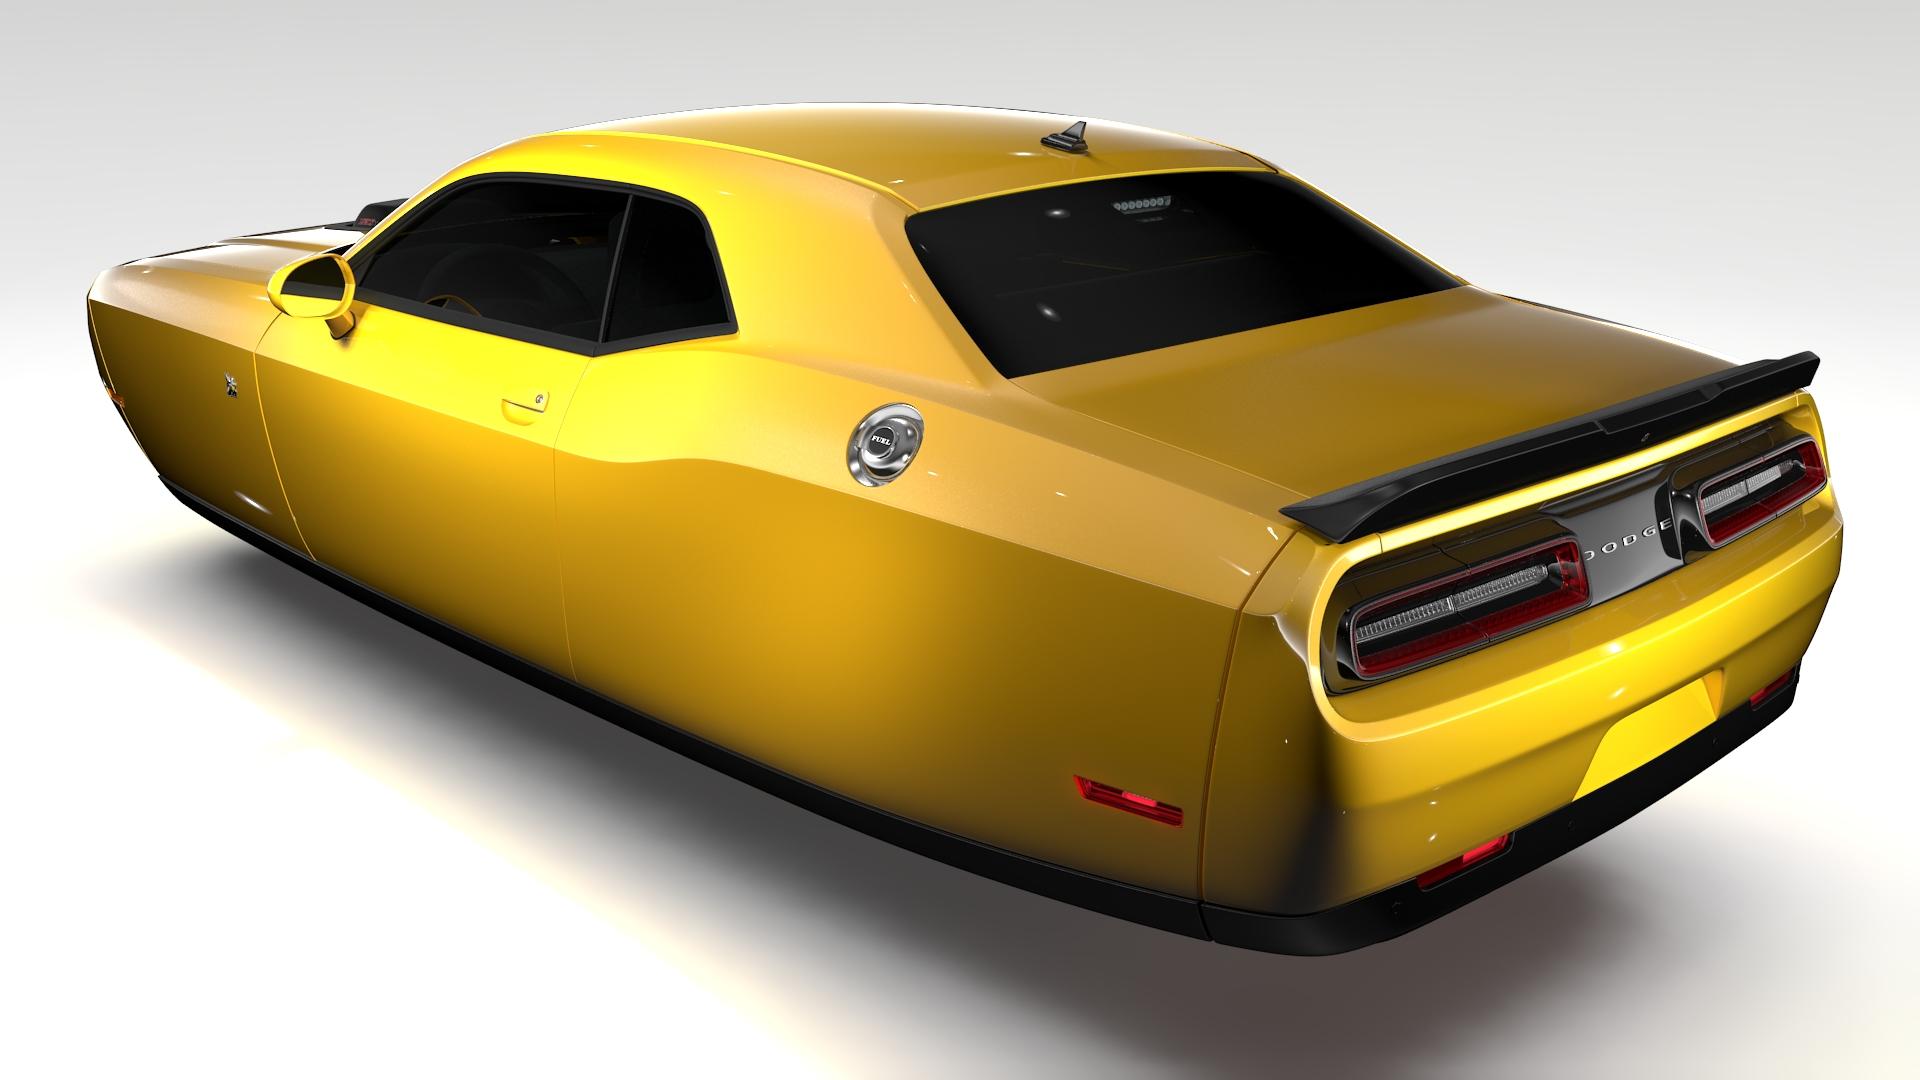 Dodge Challenger 392 shaker (lc) 2016 yn hedfan model 3d 3ds max fbx c4d ar gyfer yr hrc xsi obj 220598